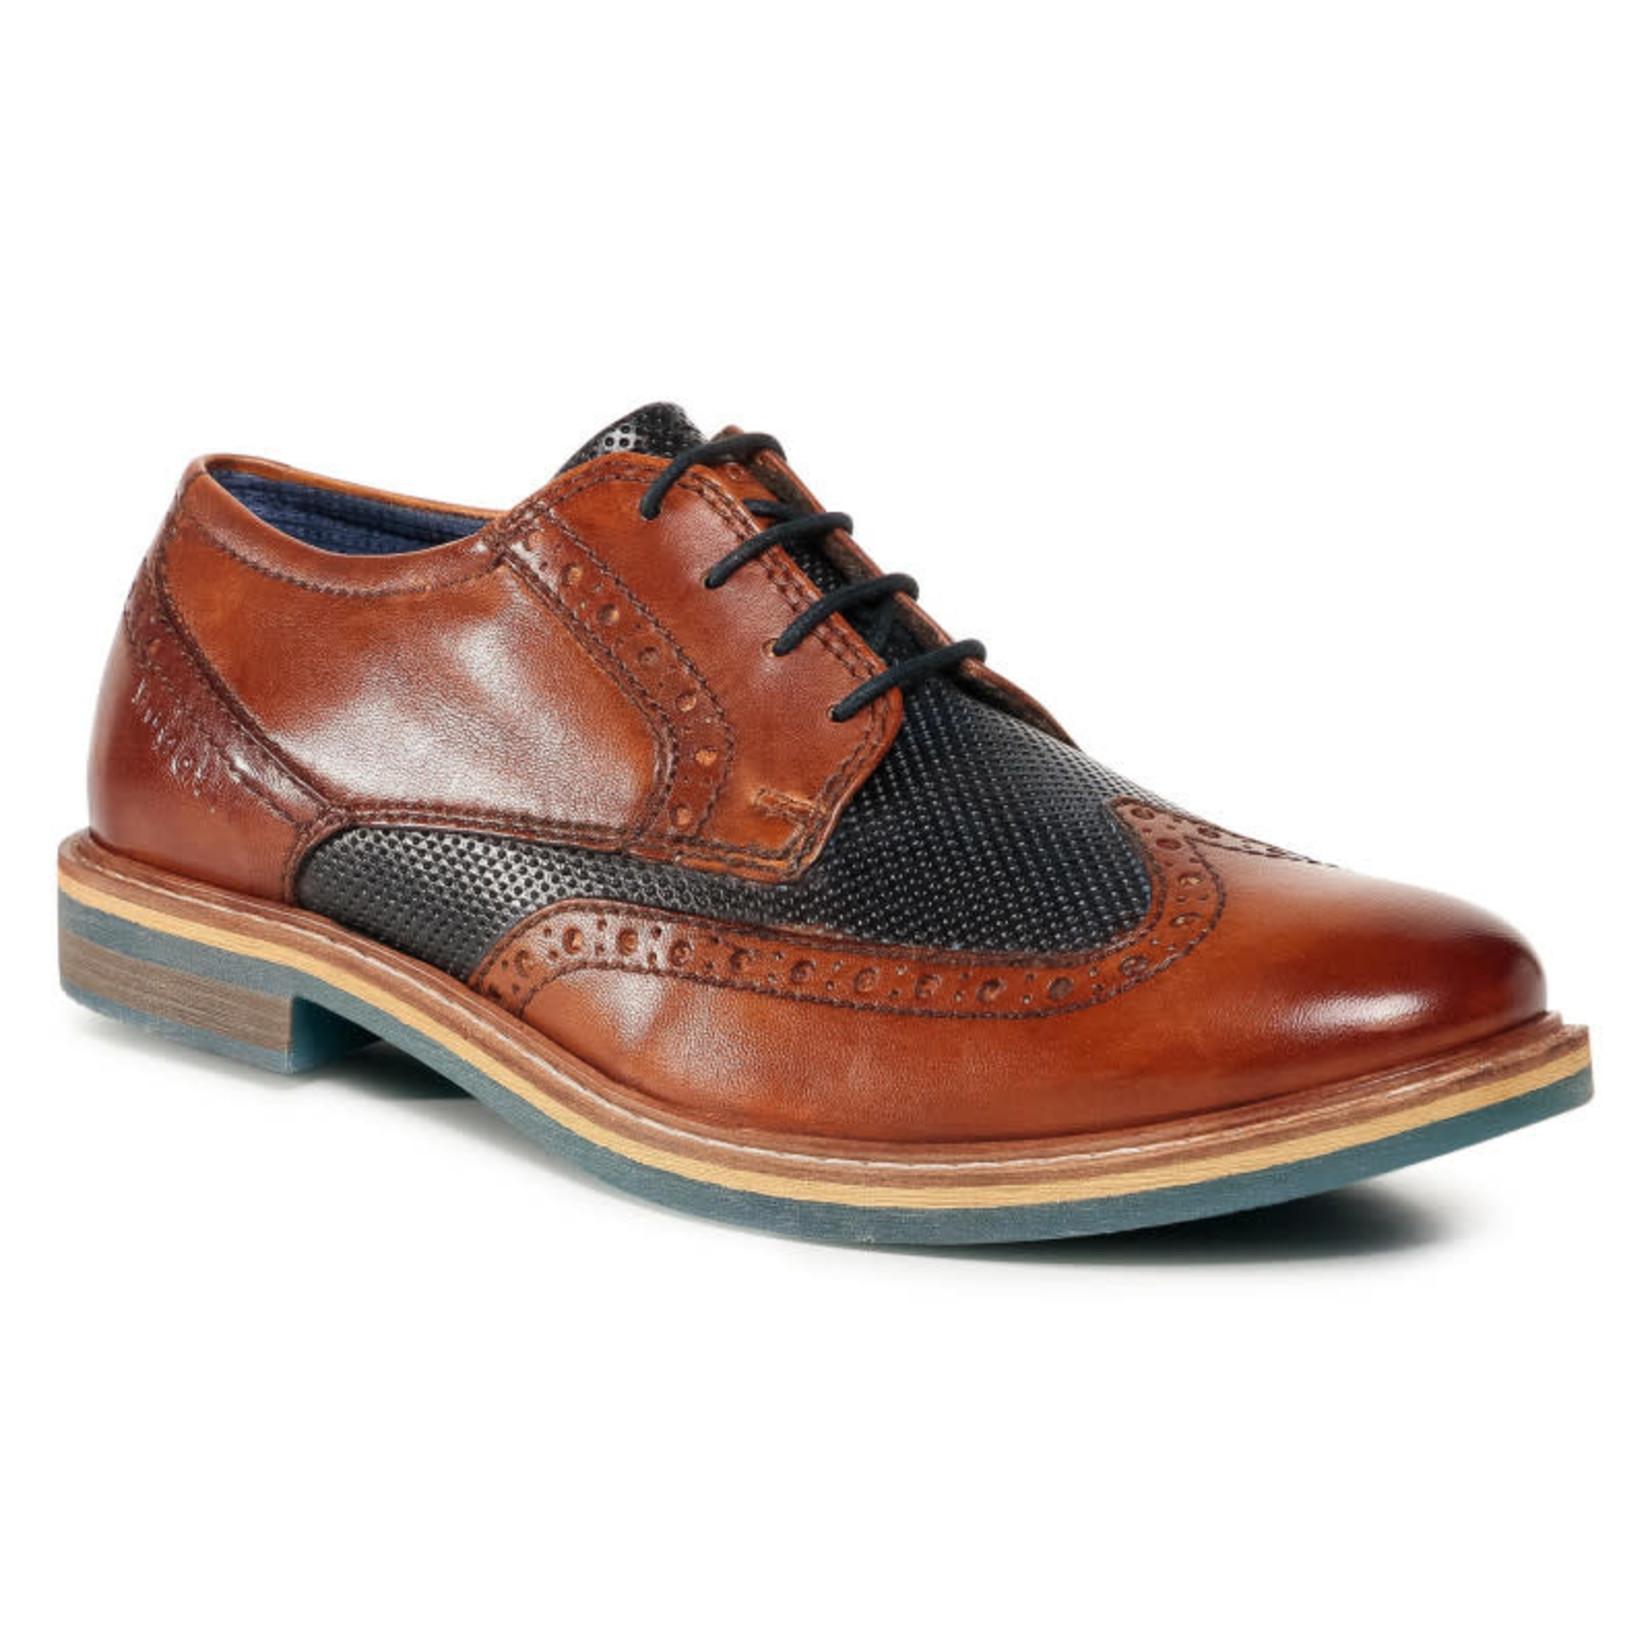 Bugatti Cognac/Dark Blue Shoe